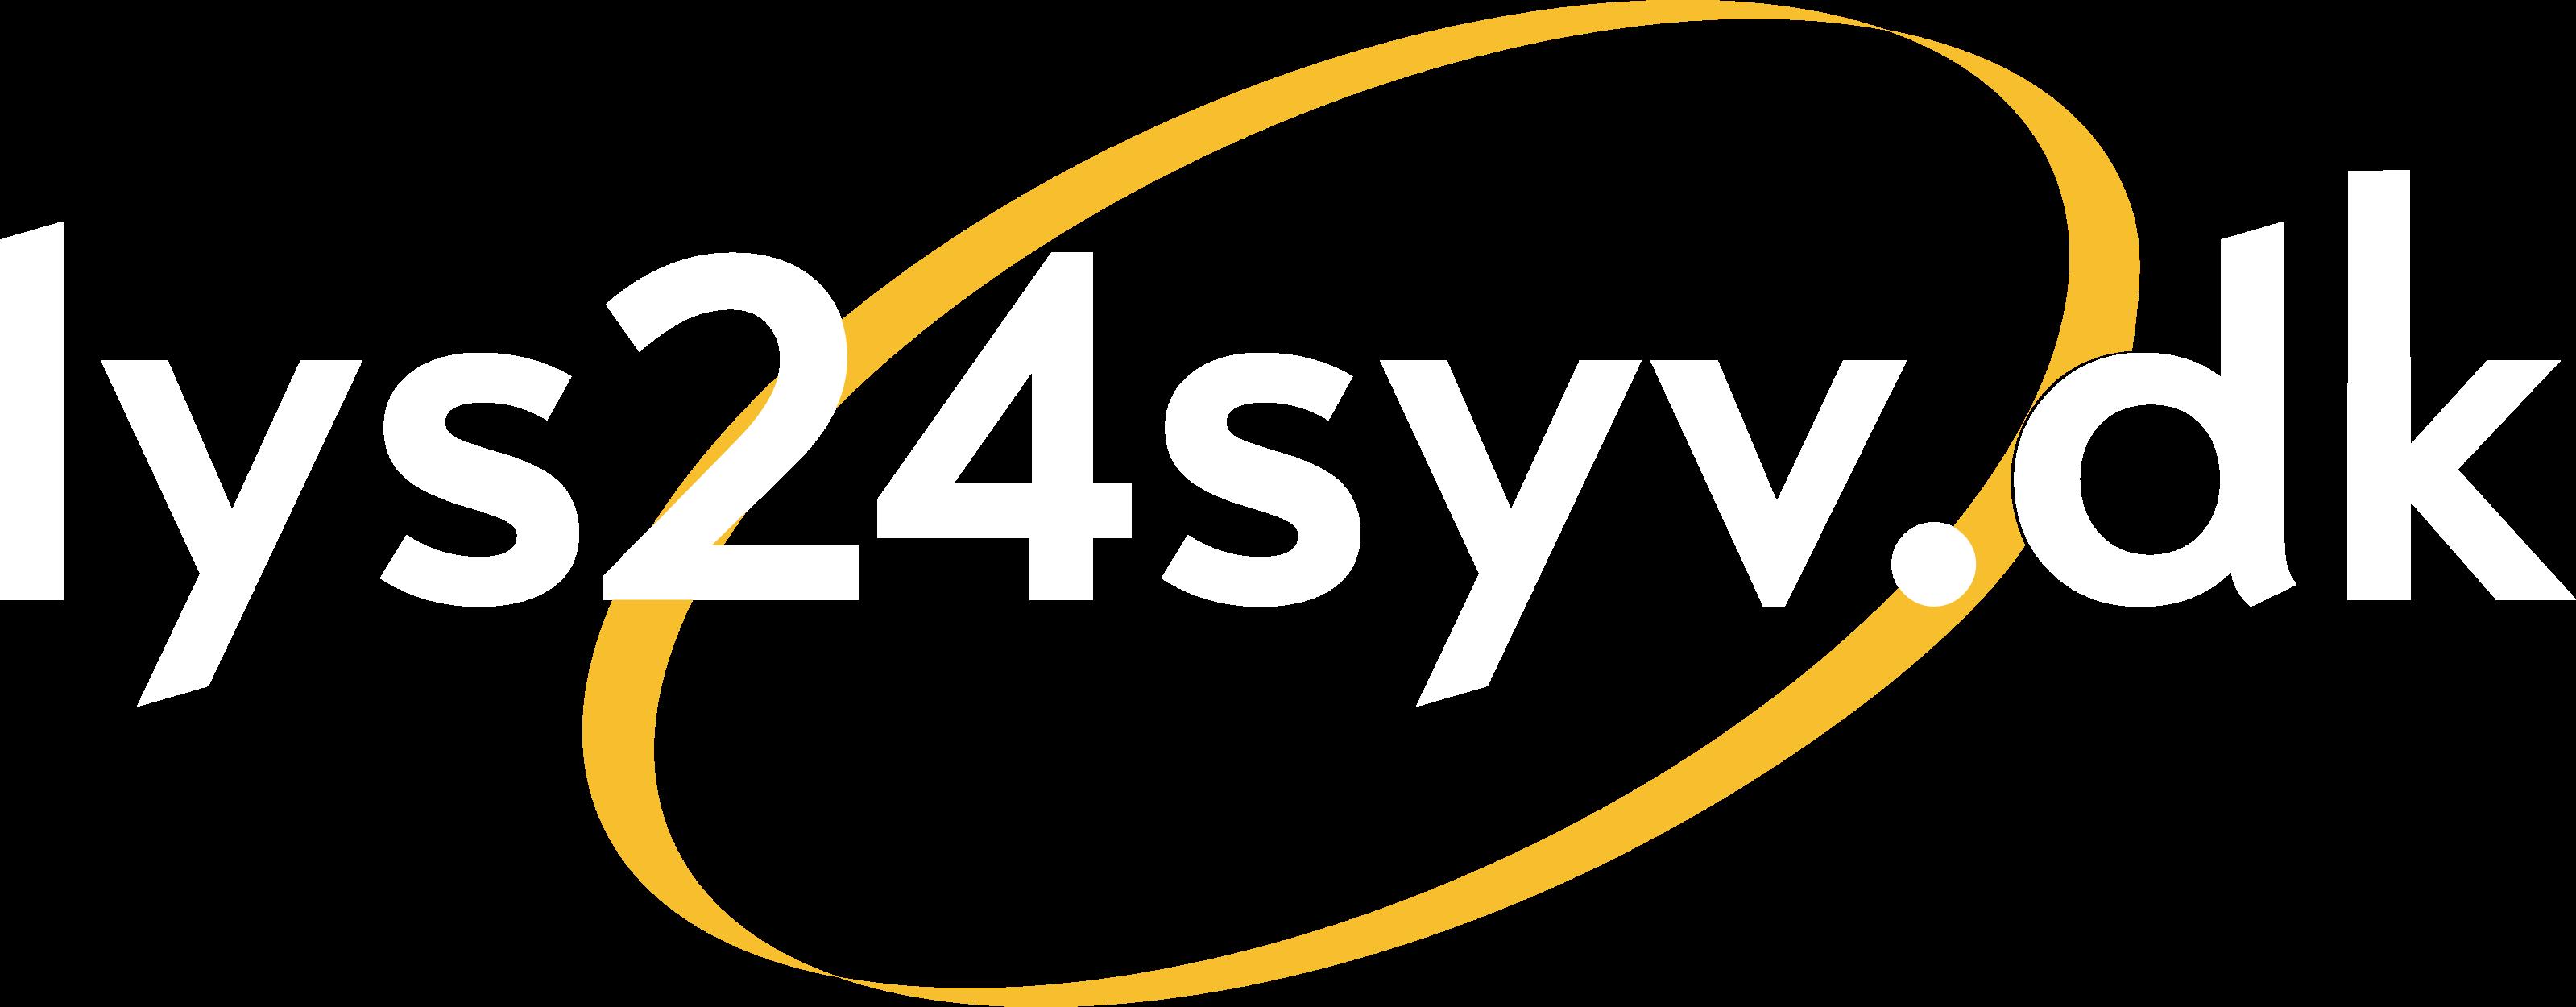 Lys24syv ApS